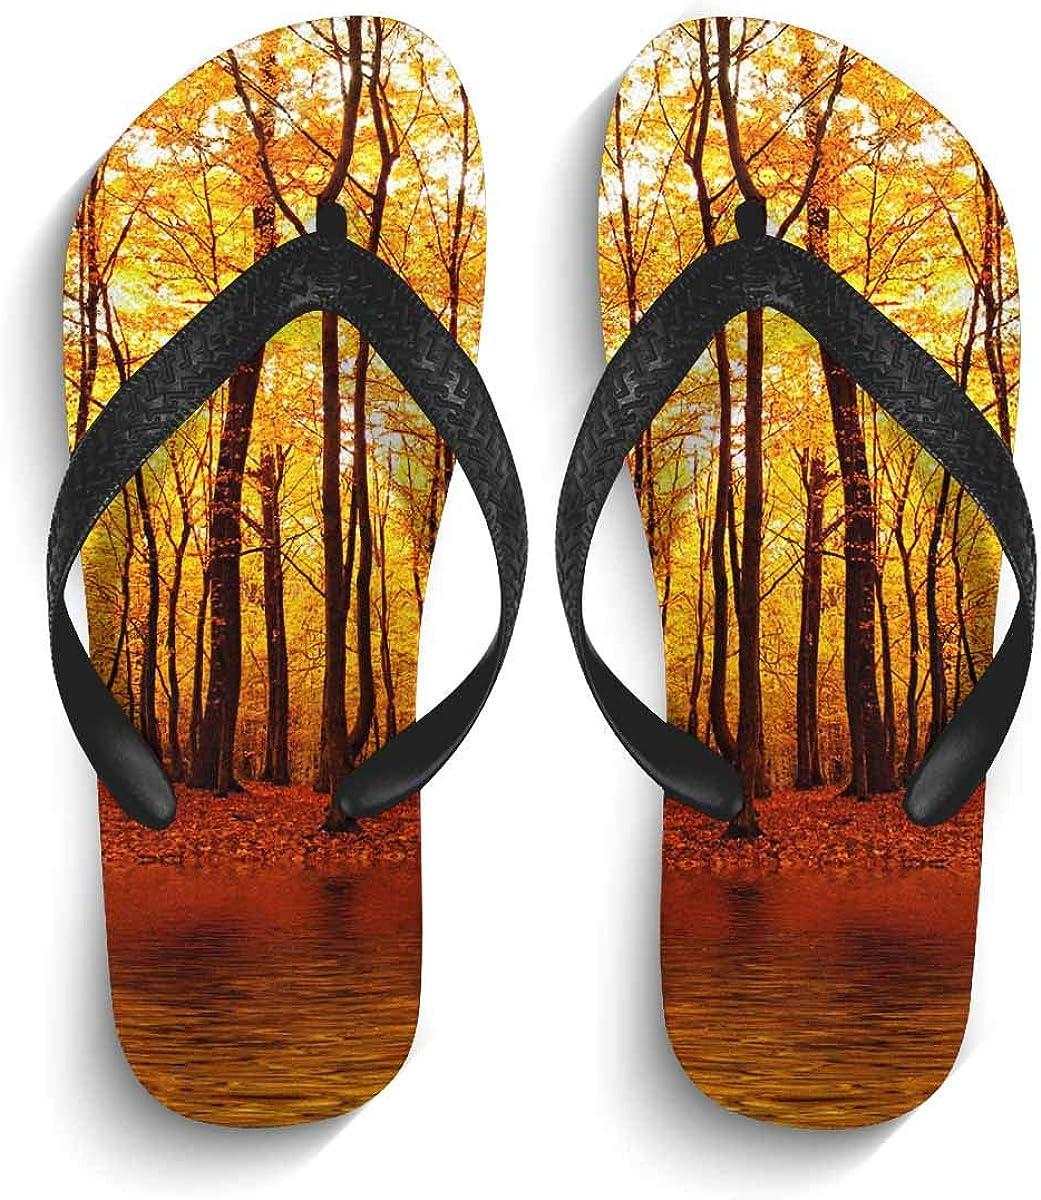 InterestPrint Non-Slip Flip Flop Slippers Pumpkins Autumn Leaves Black Straps Slim Thong Sandal for Men